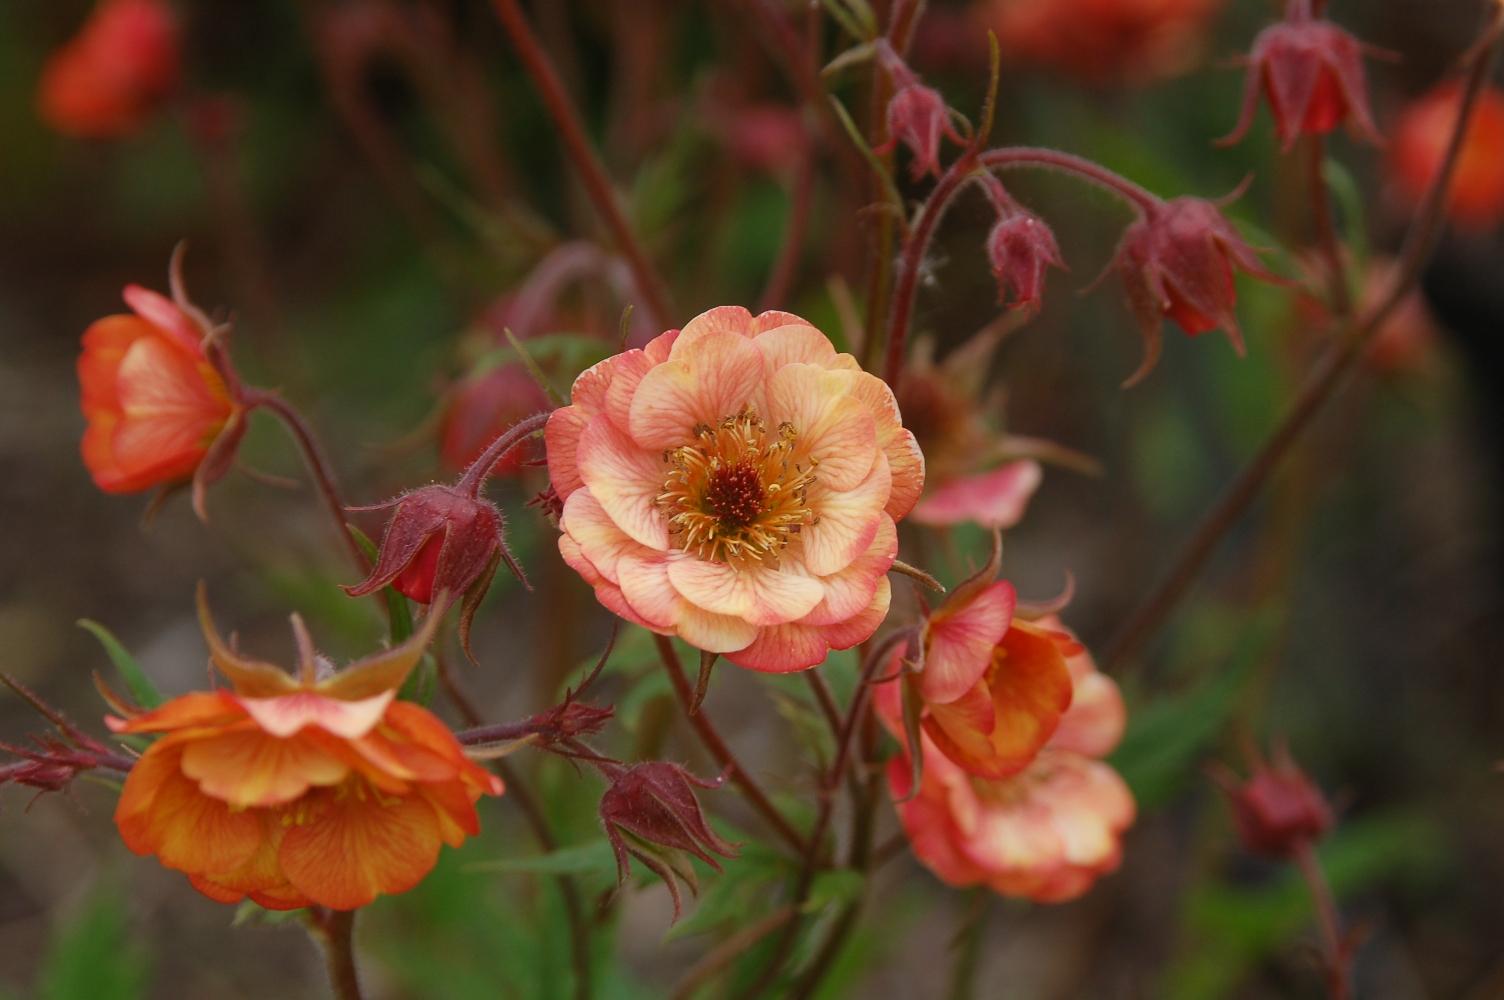 PlantenStruinen: Recente Cultivars van Tuinplanten Deel 1